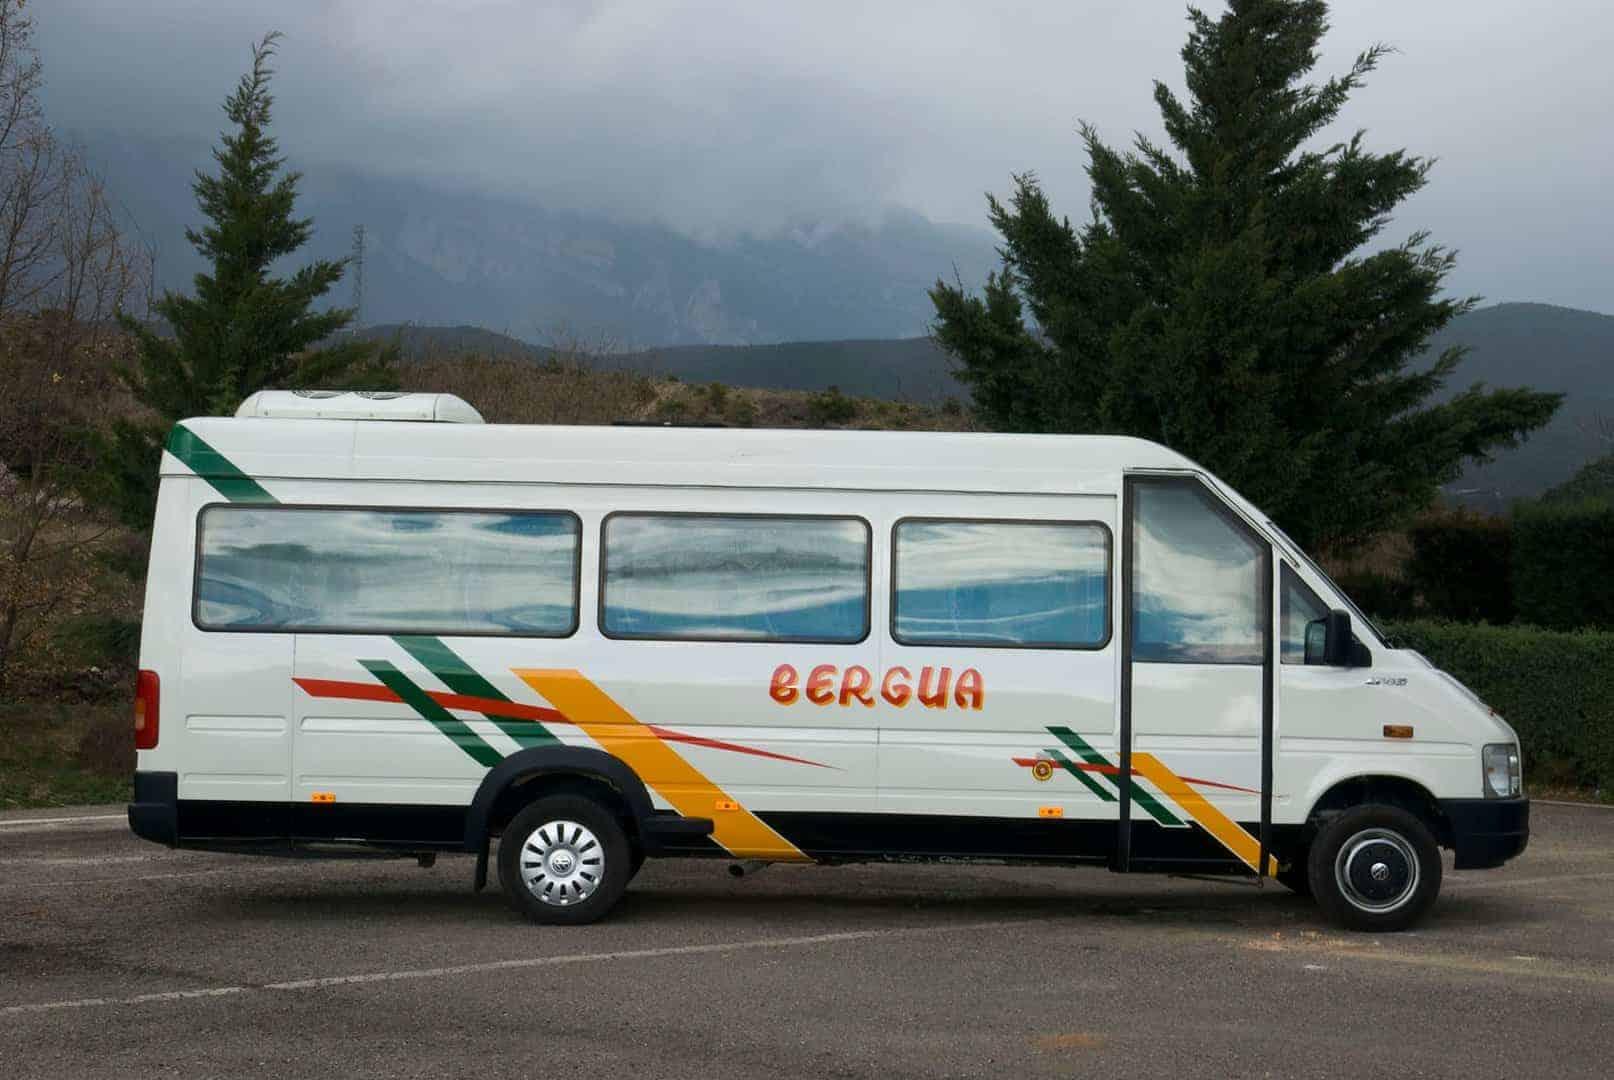 4884CVG-2 Bergua